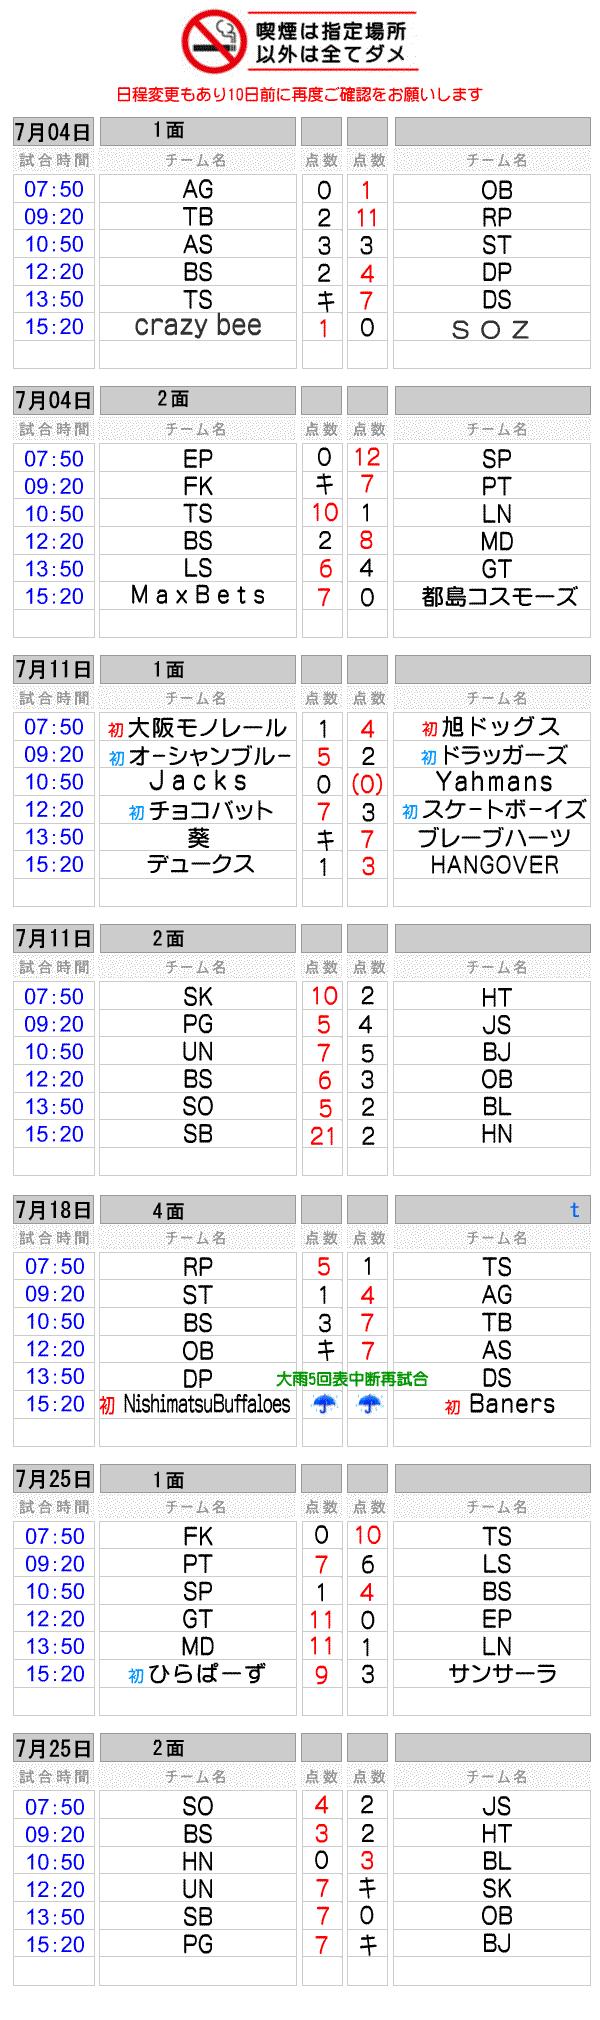 7月試合日程